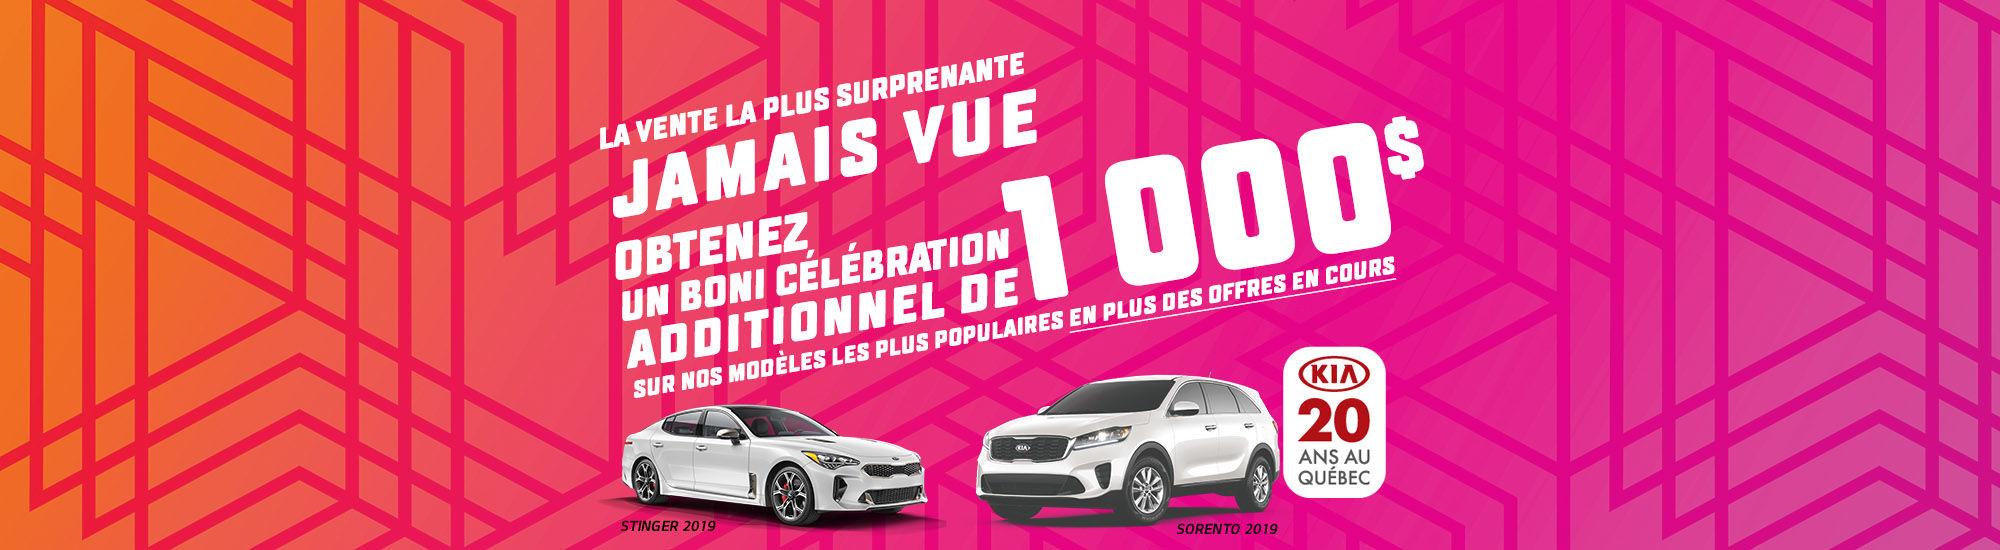 La vente la plus surprenante jamais vue Kia 20 ans au Québec